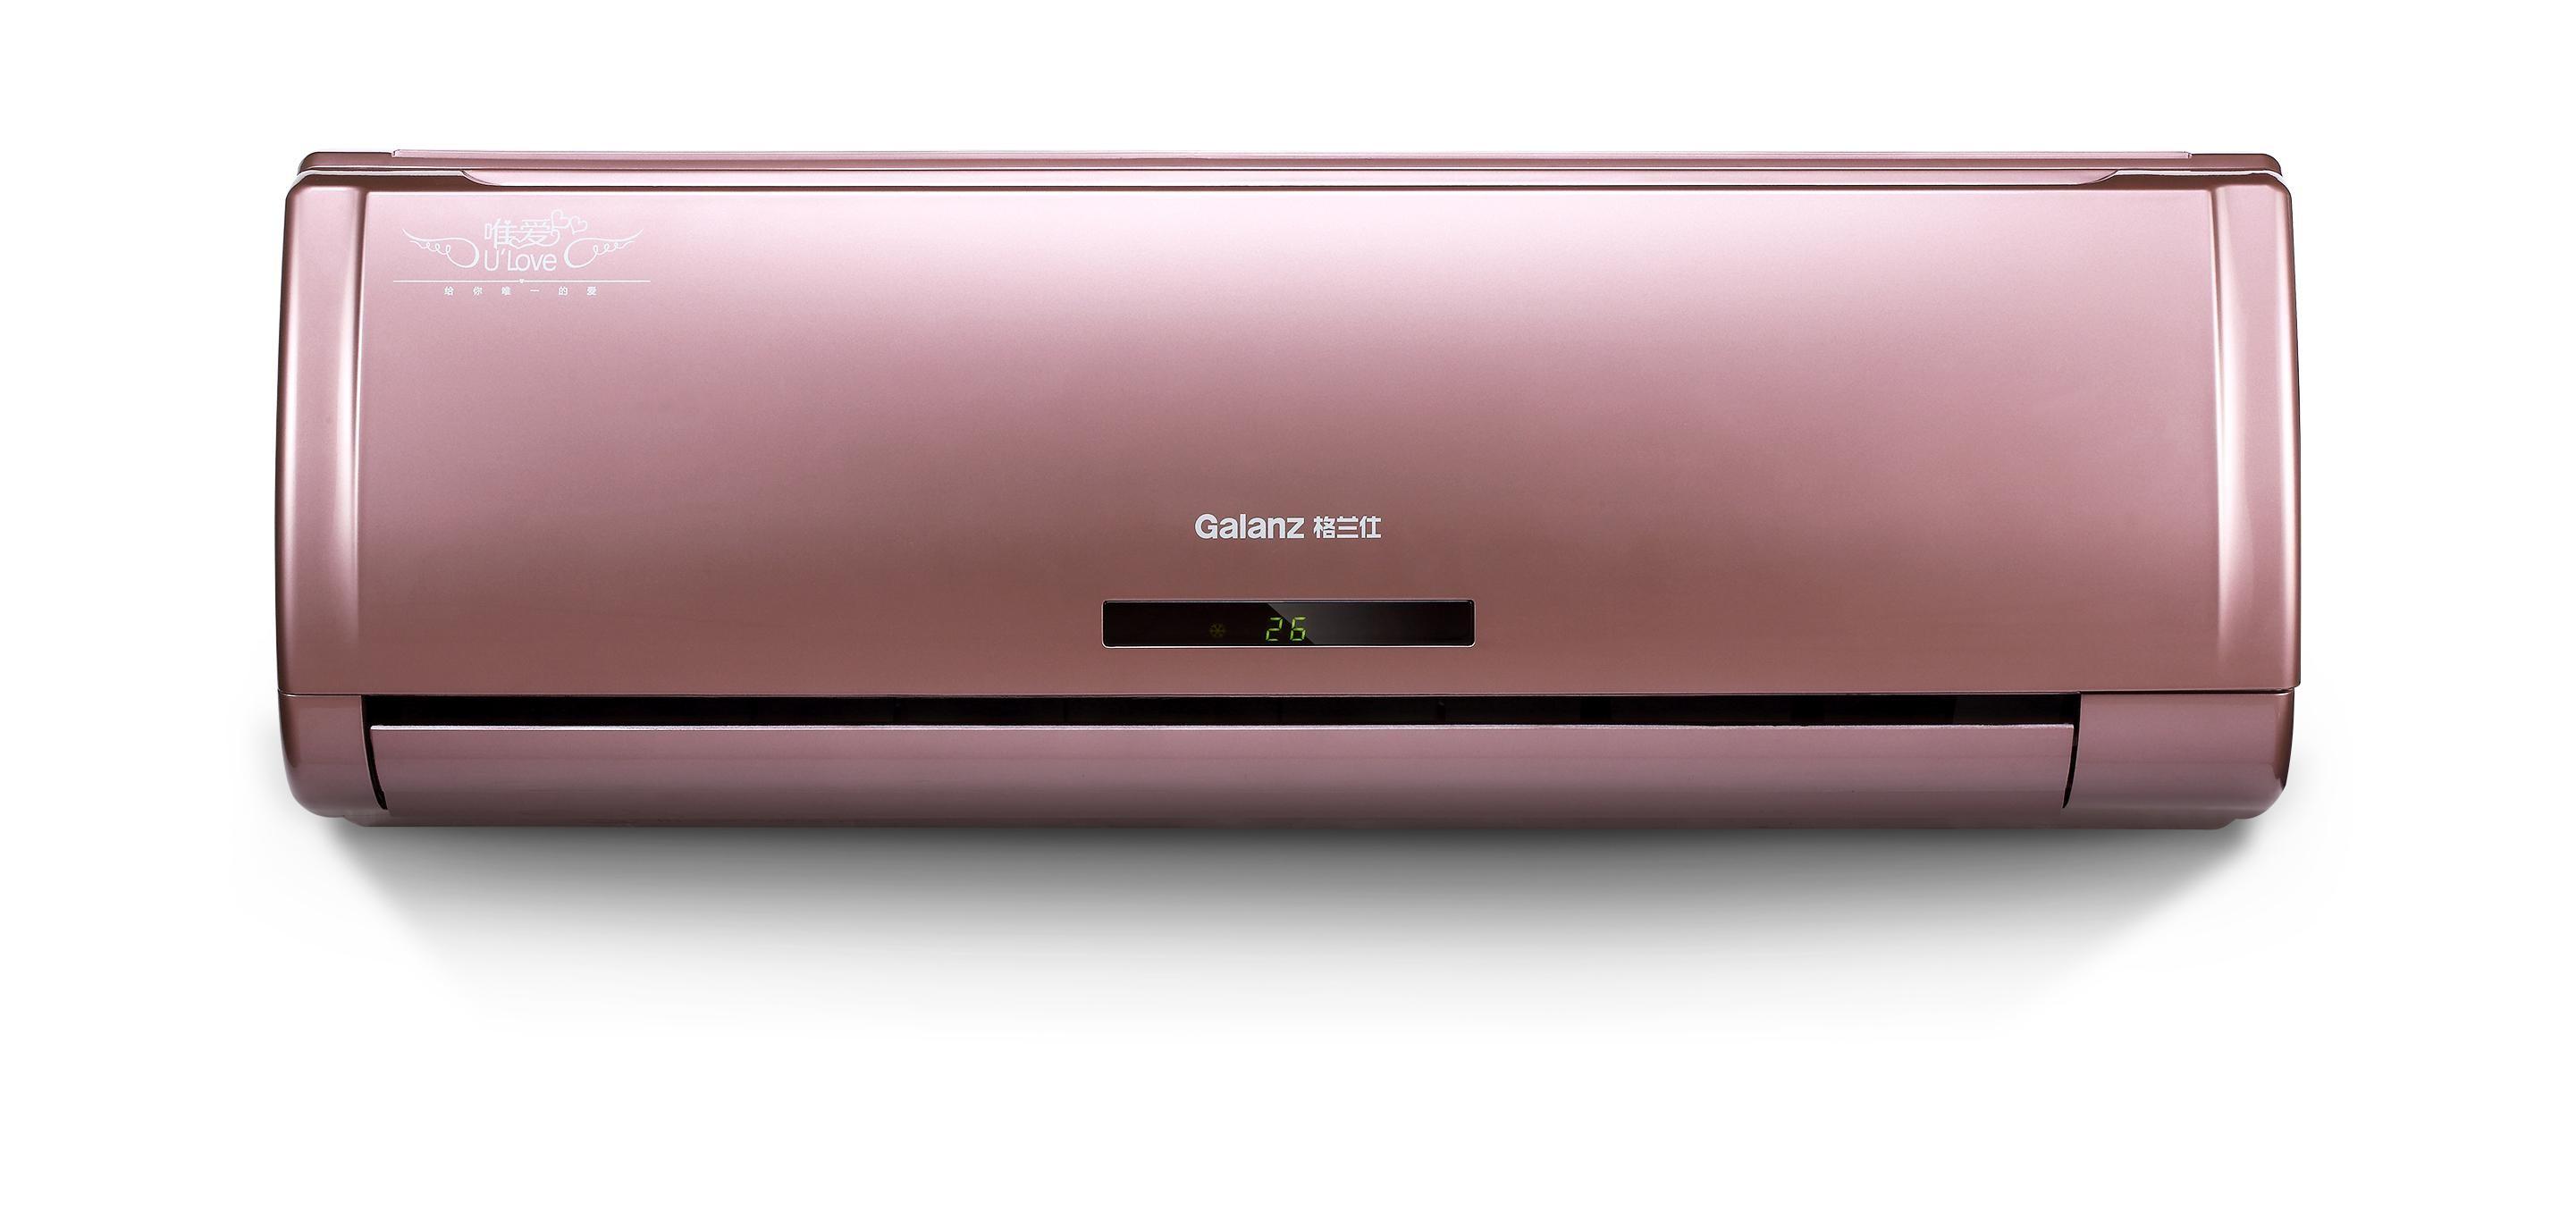 格兰仕变频空调多少钱—格兰仕变频空调价格